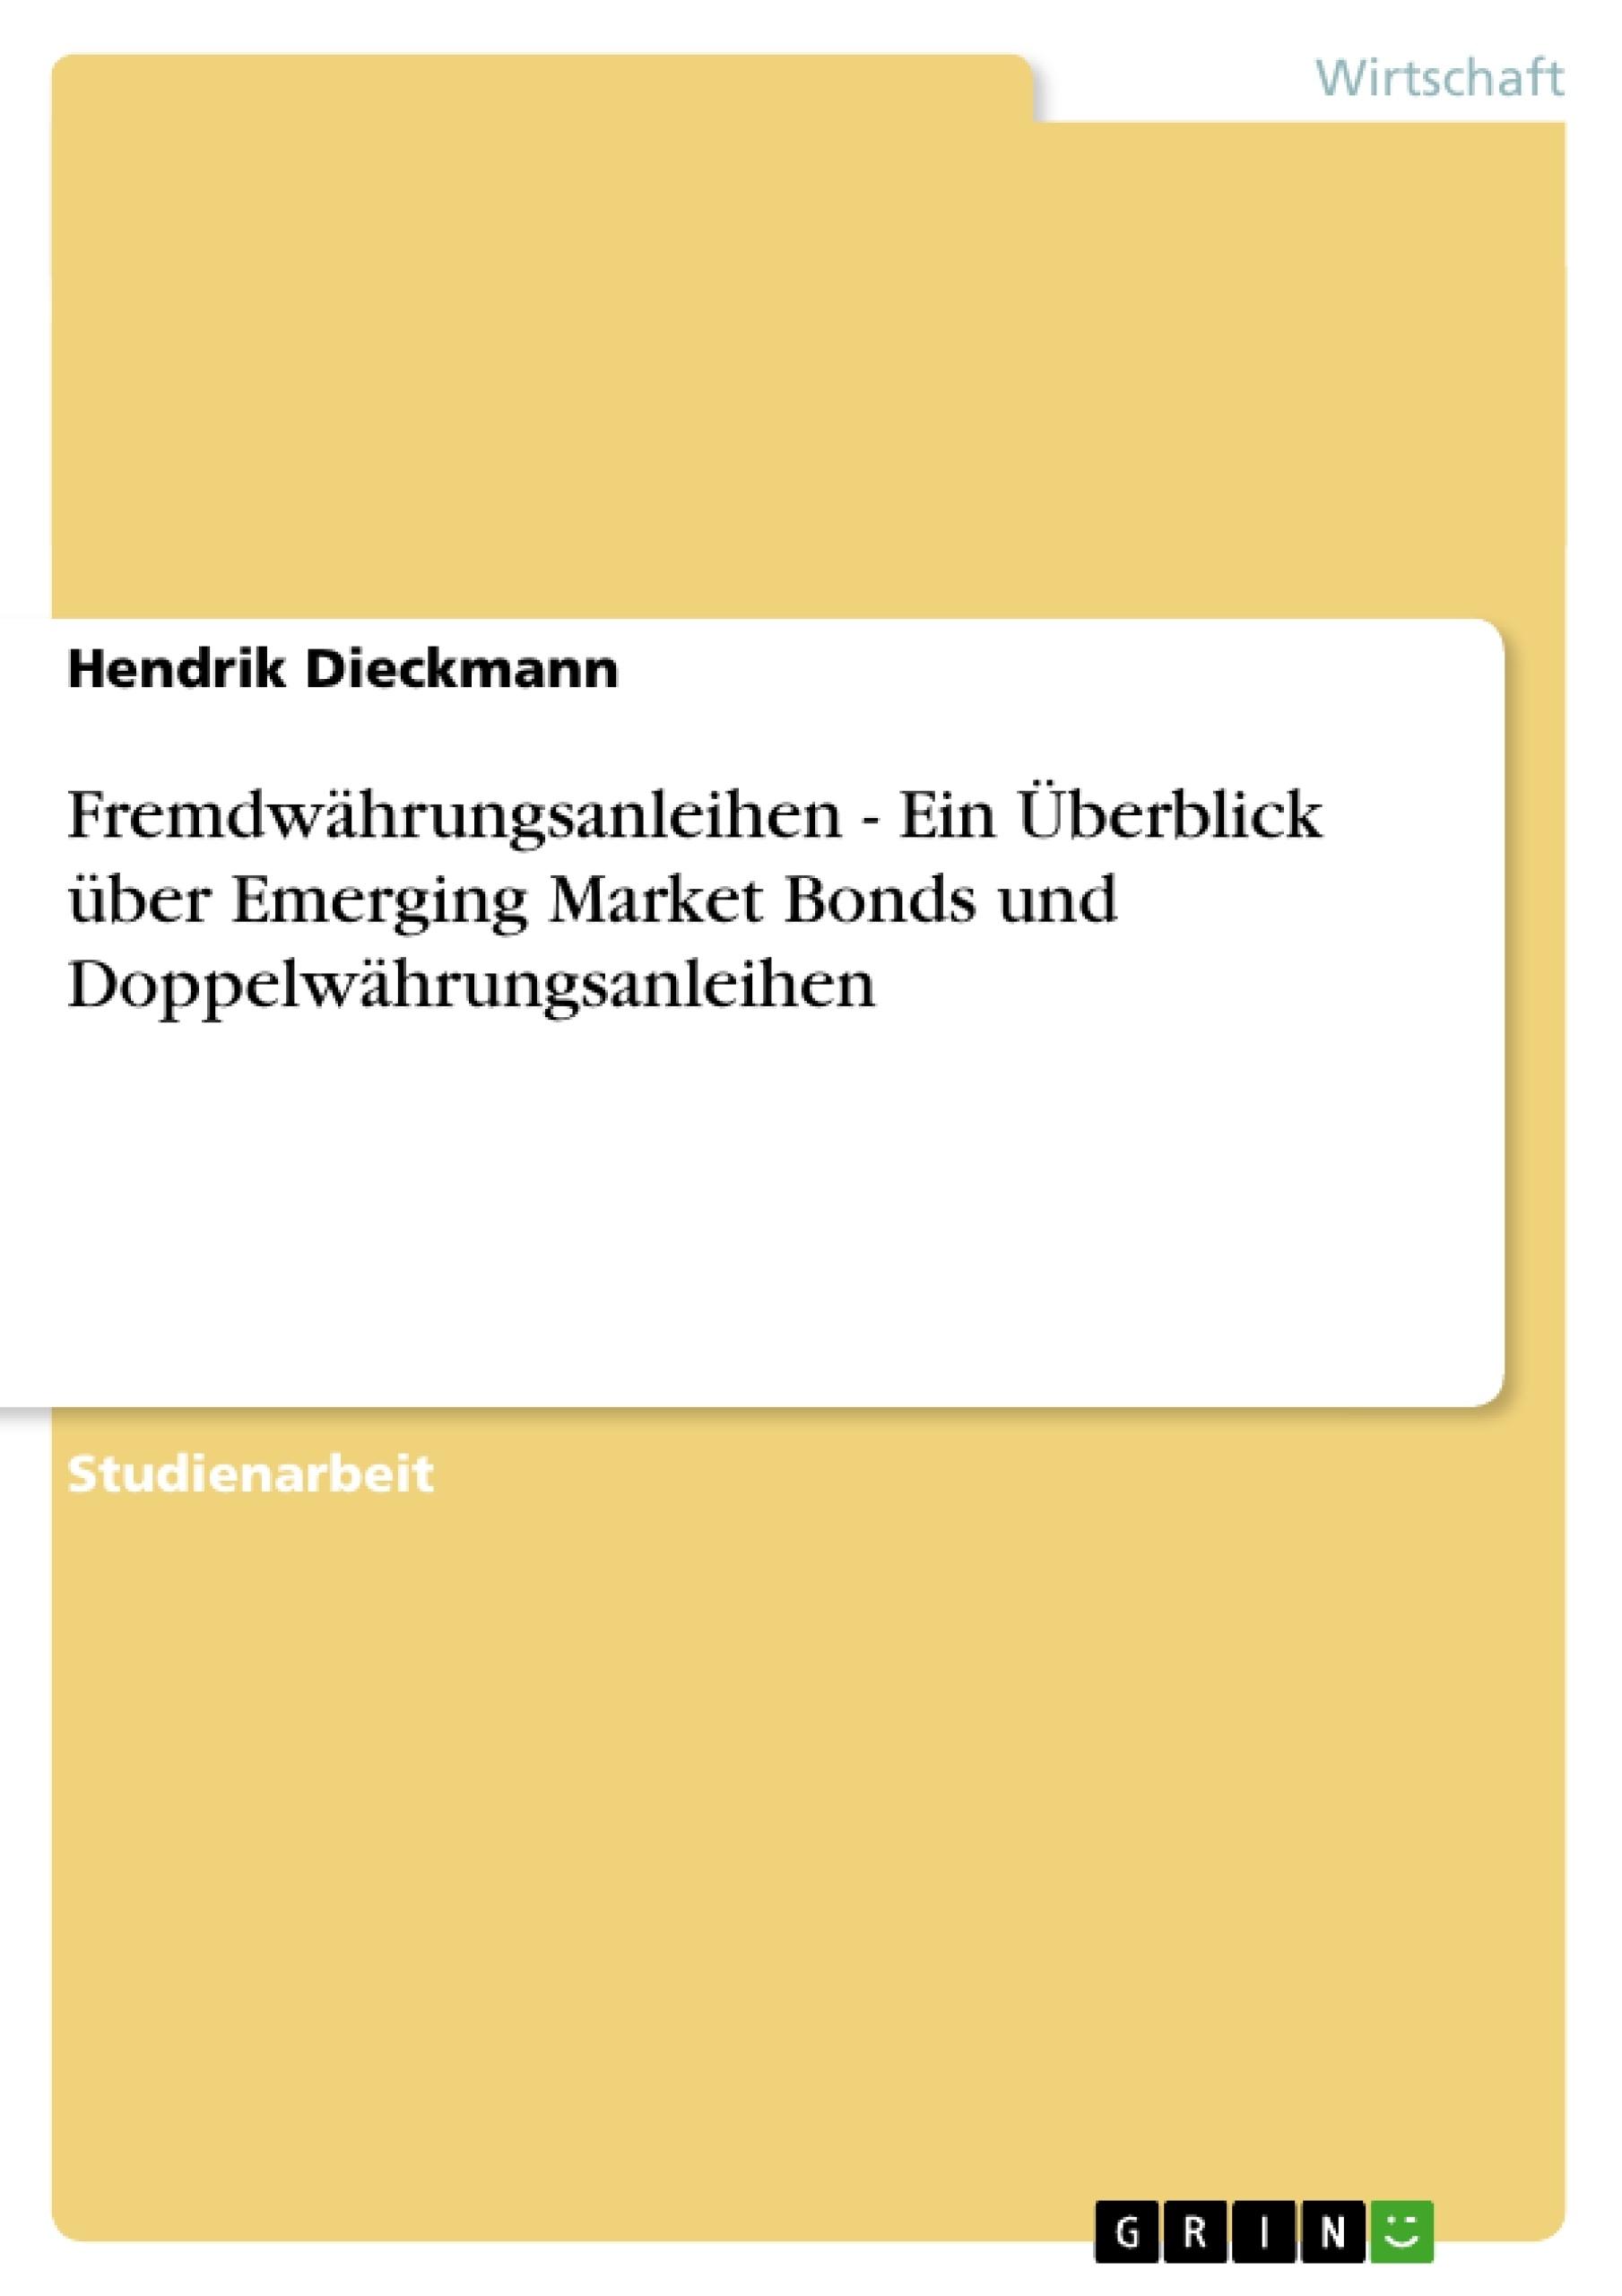 Titel: Fremdwährungsanleihen - Ein Überblick über Emerging Market Bonds und Doppelwährungsanleihen